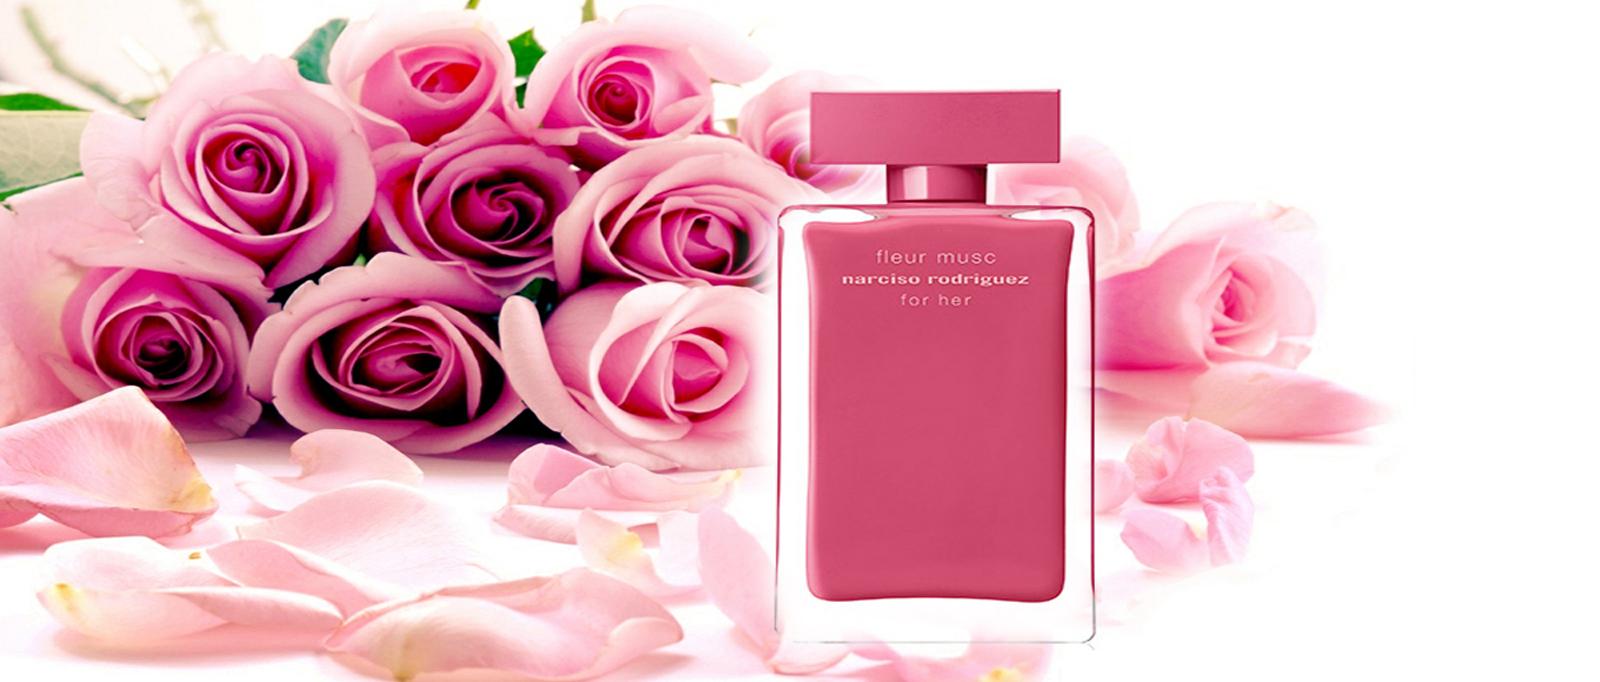 Lançamento: For Her Fleur Musc é a nova fragrância de Narcizo Rodriguez